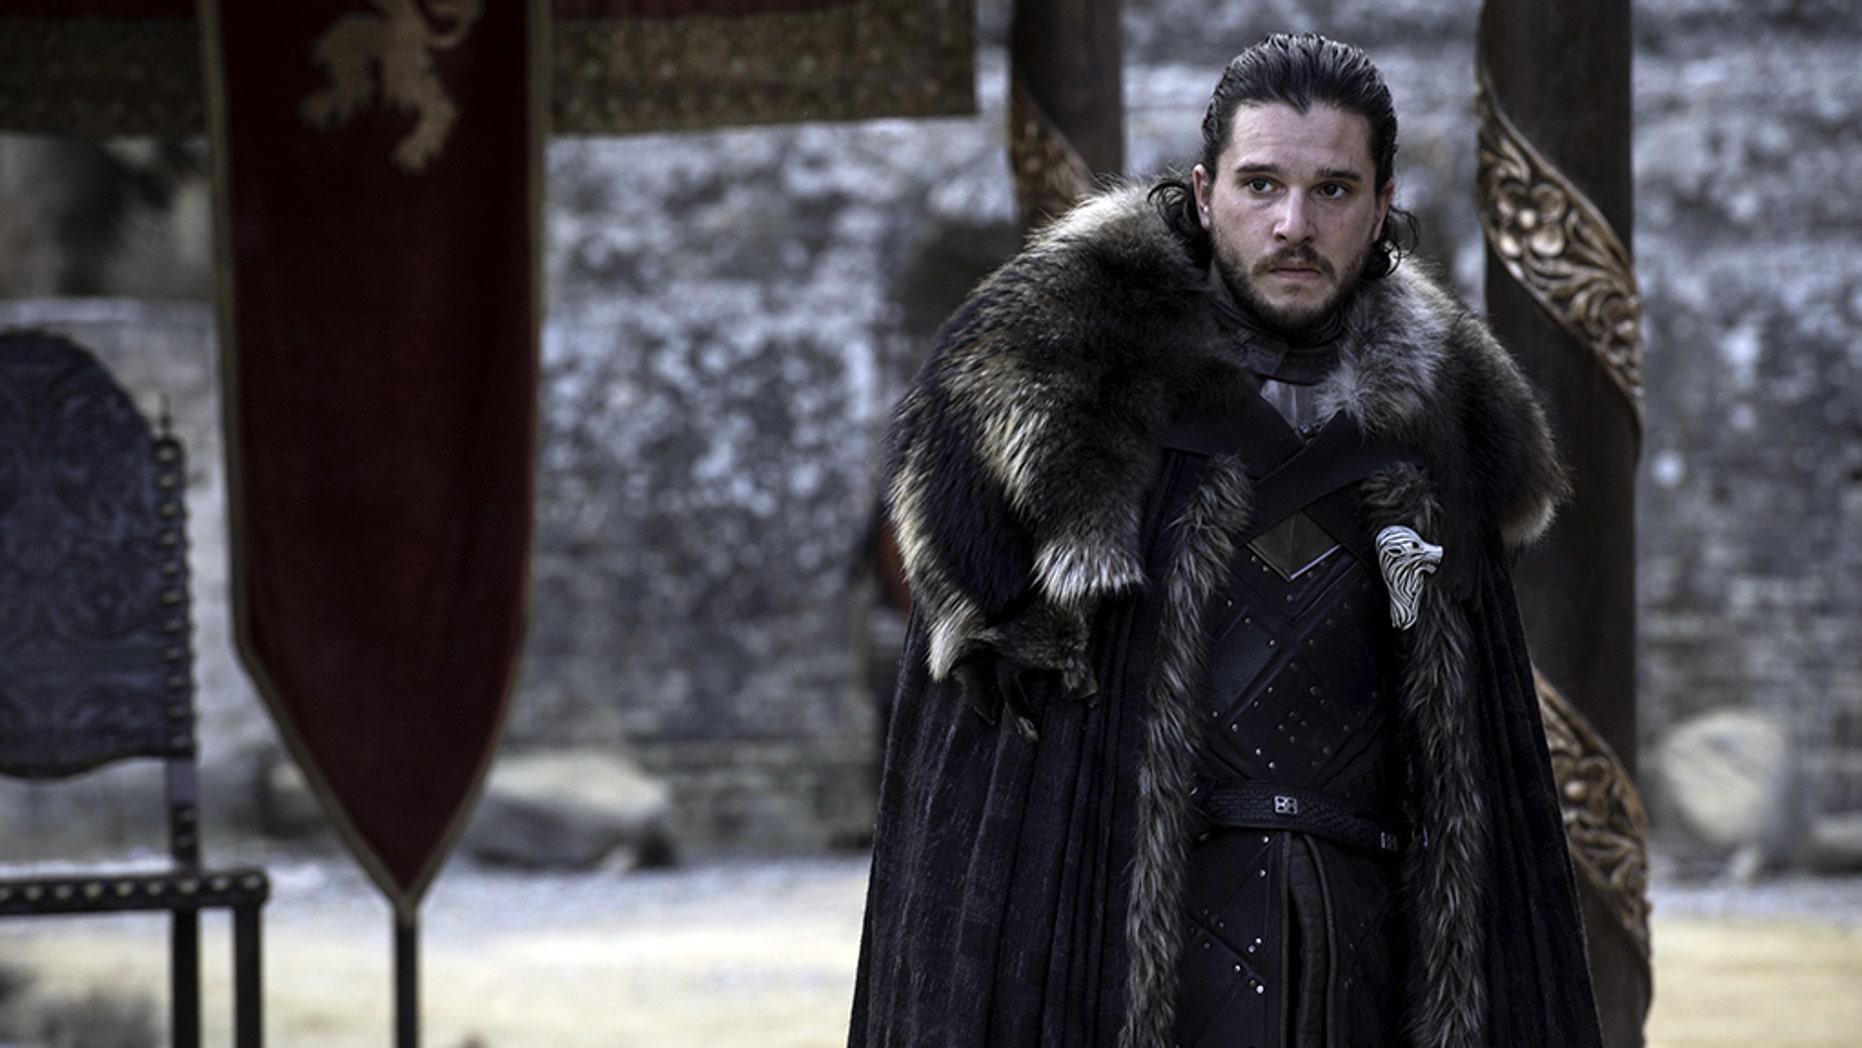 Kit Harington stars as Jon Snow on the HBO hit series